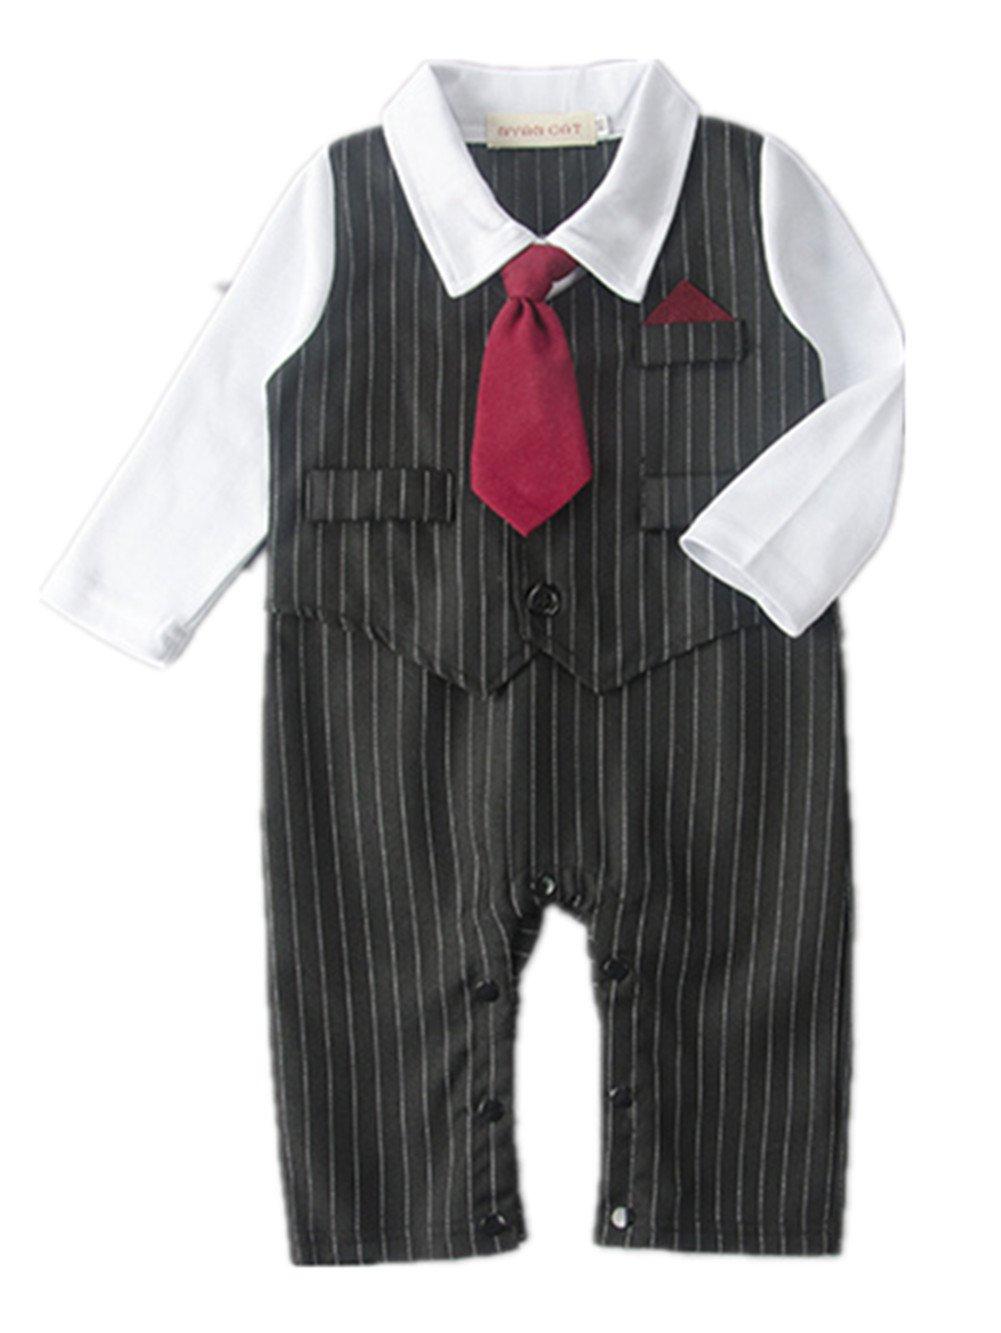 De la boda de la Anik soleado diseño de nacimiento de un niño globo con forma de esmoquin chaleco de pesca y accesorios para aprendices, Formal de nacimiento de un niño corbata diseño de rayas de equipo de costura para chalecos de muñeca con vestido de neg